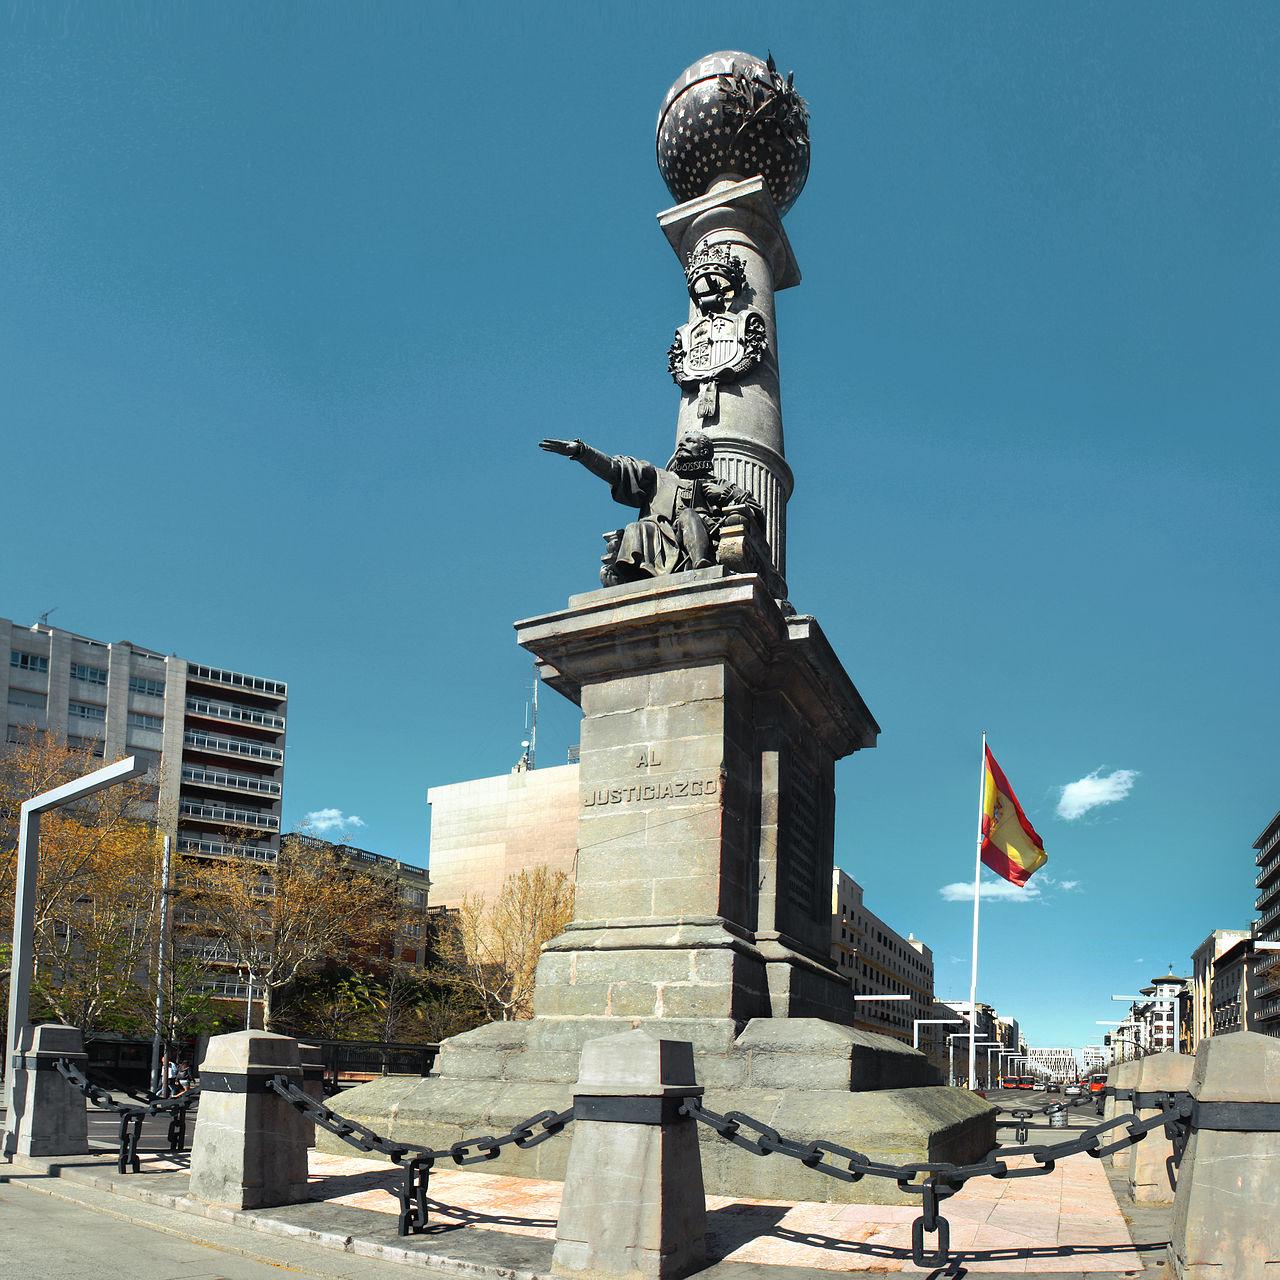 Monumento al Justicia de Aragón, Zaragoza